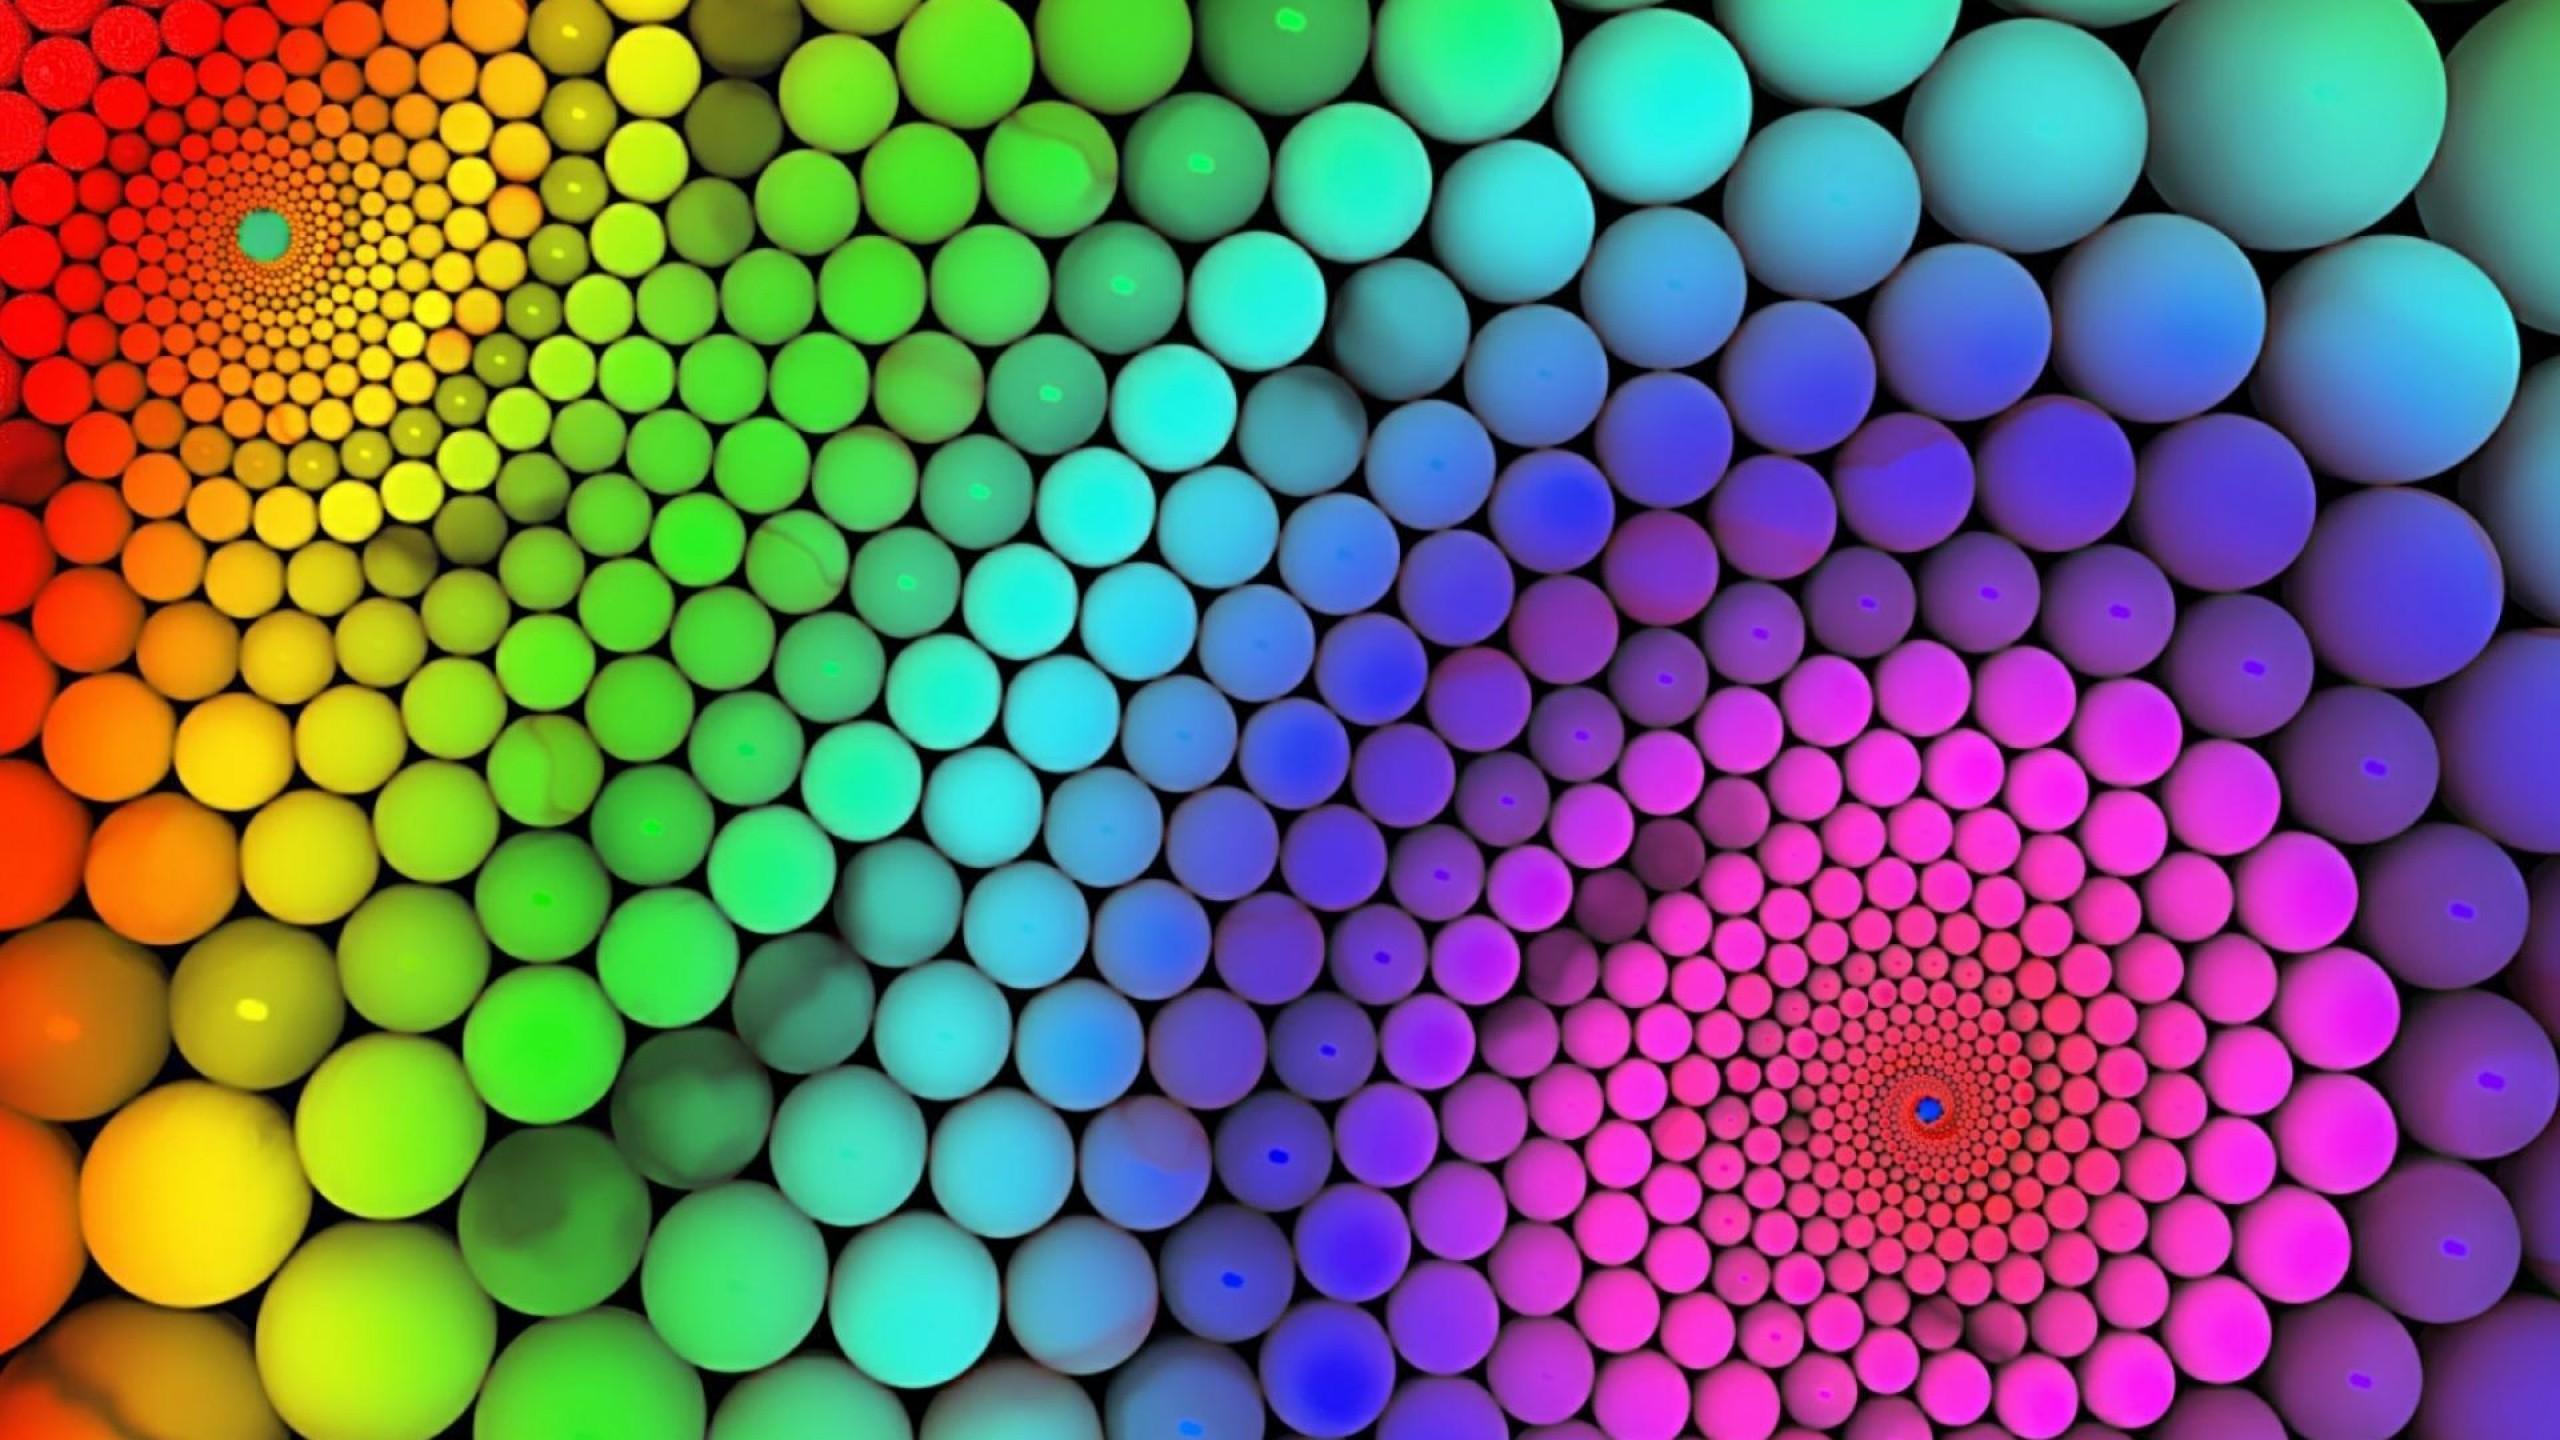 Шары круги цветные  № 3676278 загрузить